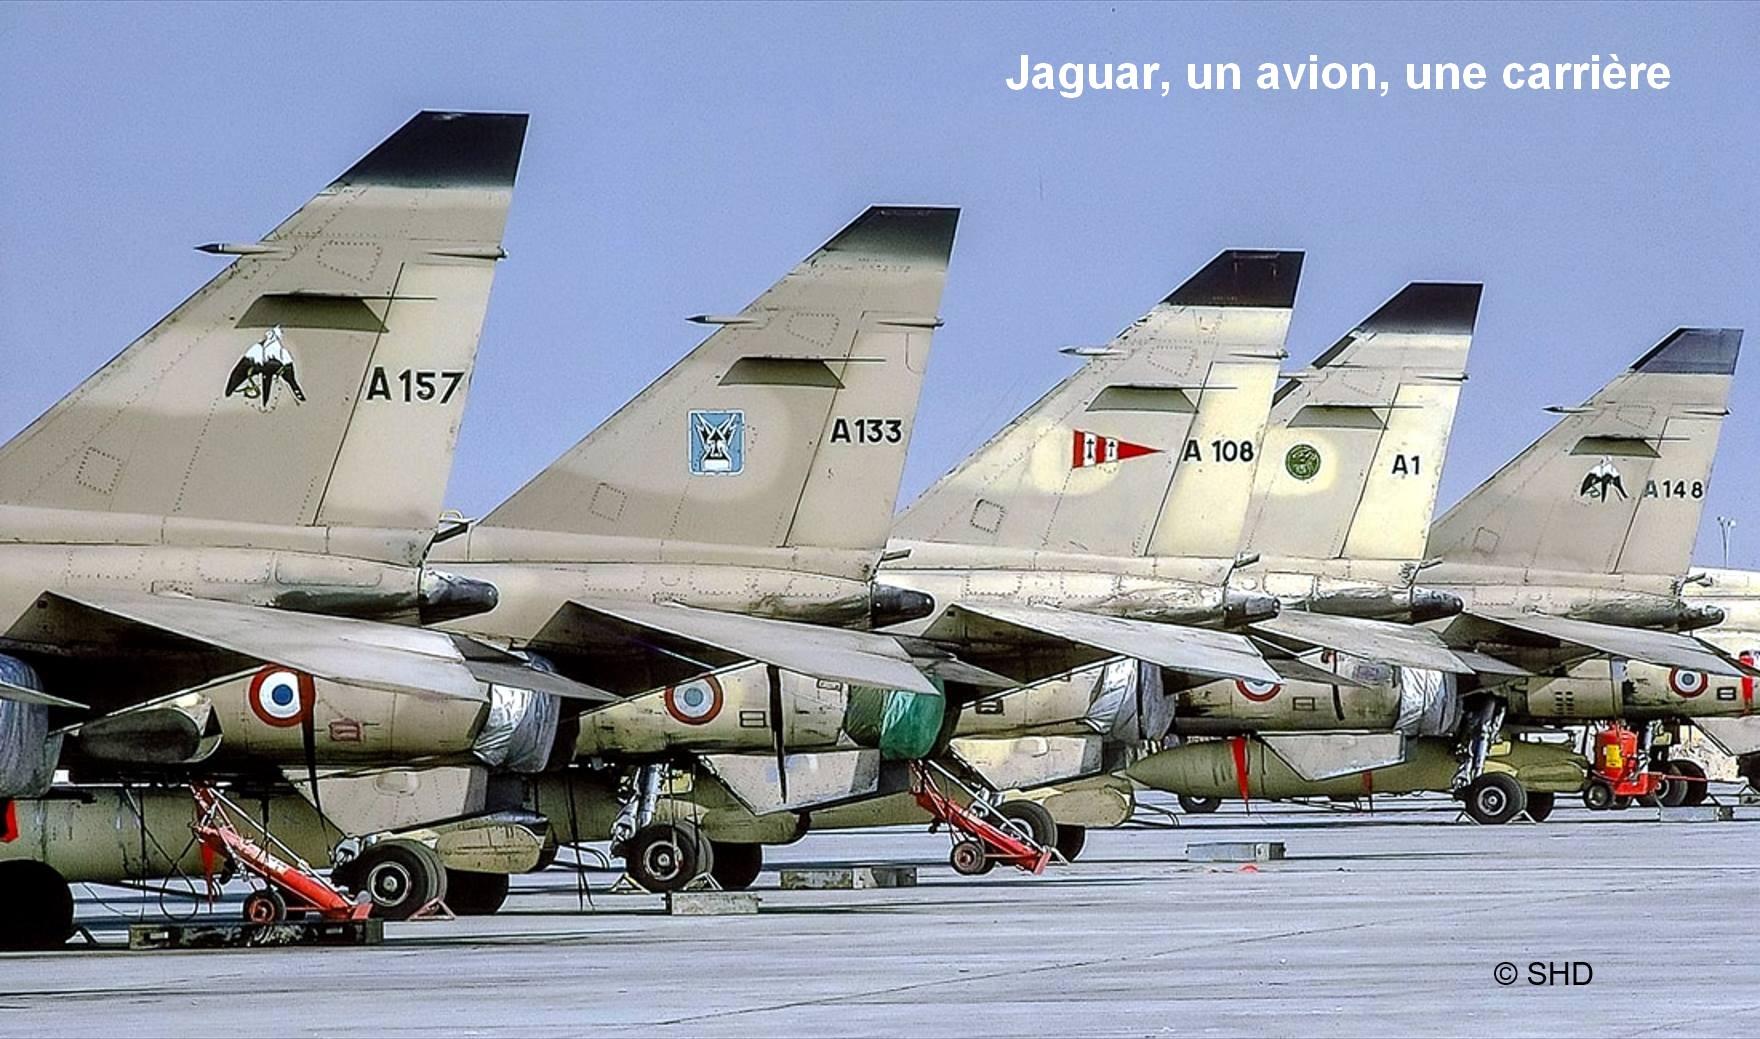 Face Book Jaguar, un avion, une carrière